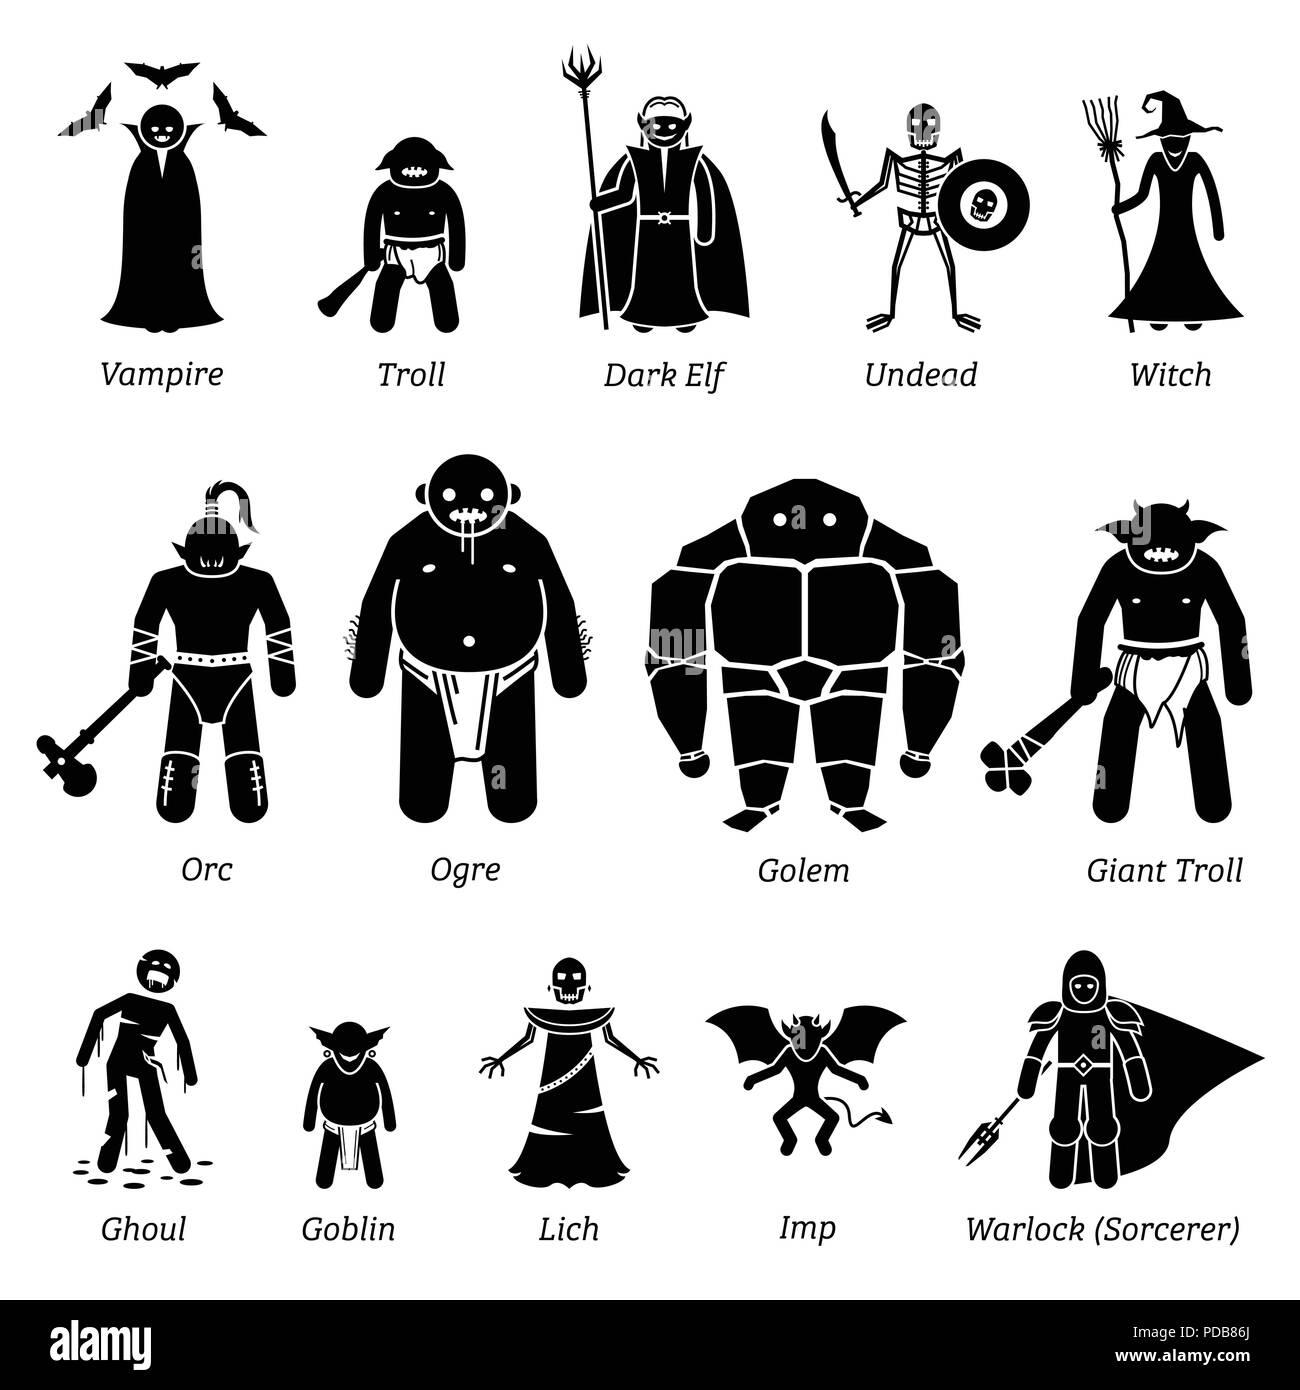 Antico borgo medioevale fantasy personaggi malvagi, creature e mostri icon set. Un vettore che illustra antica fantasy personaggi malvagi dal medioevo. Illustrazione Vettoriale